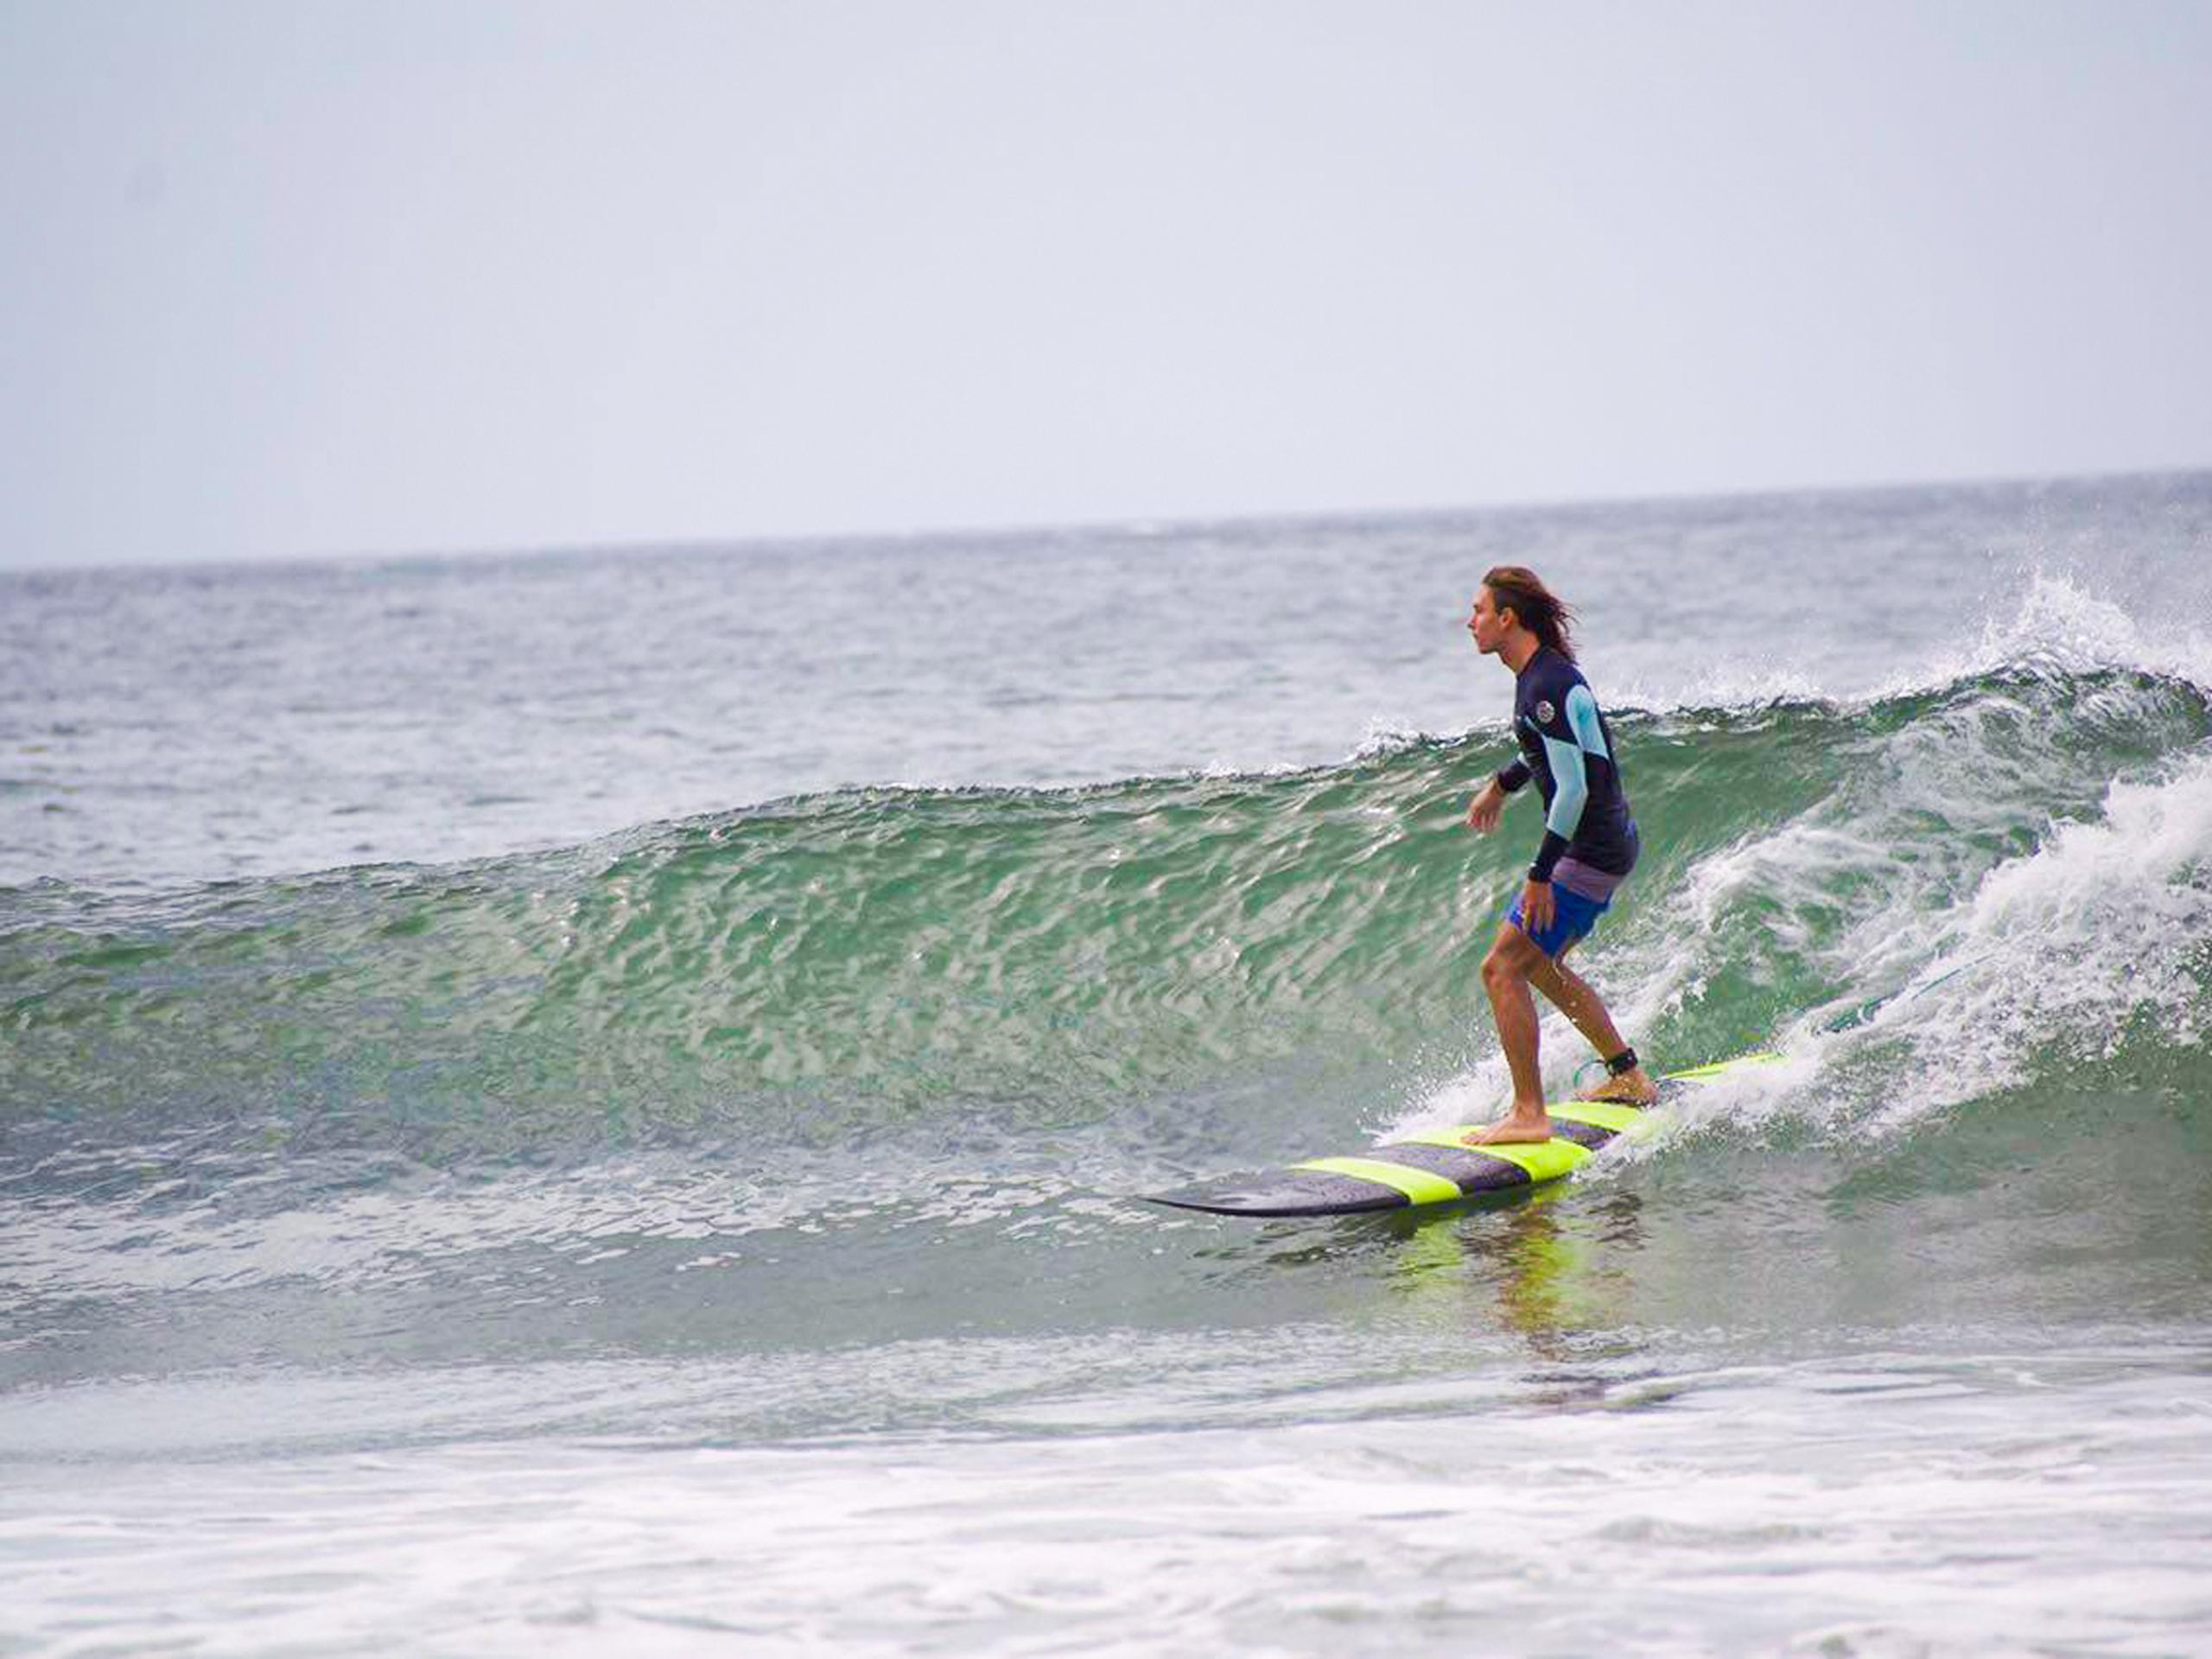 Longboard surfing in Costa Rica